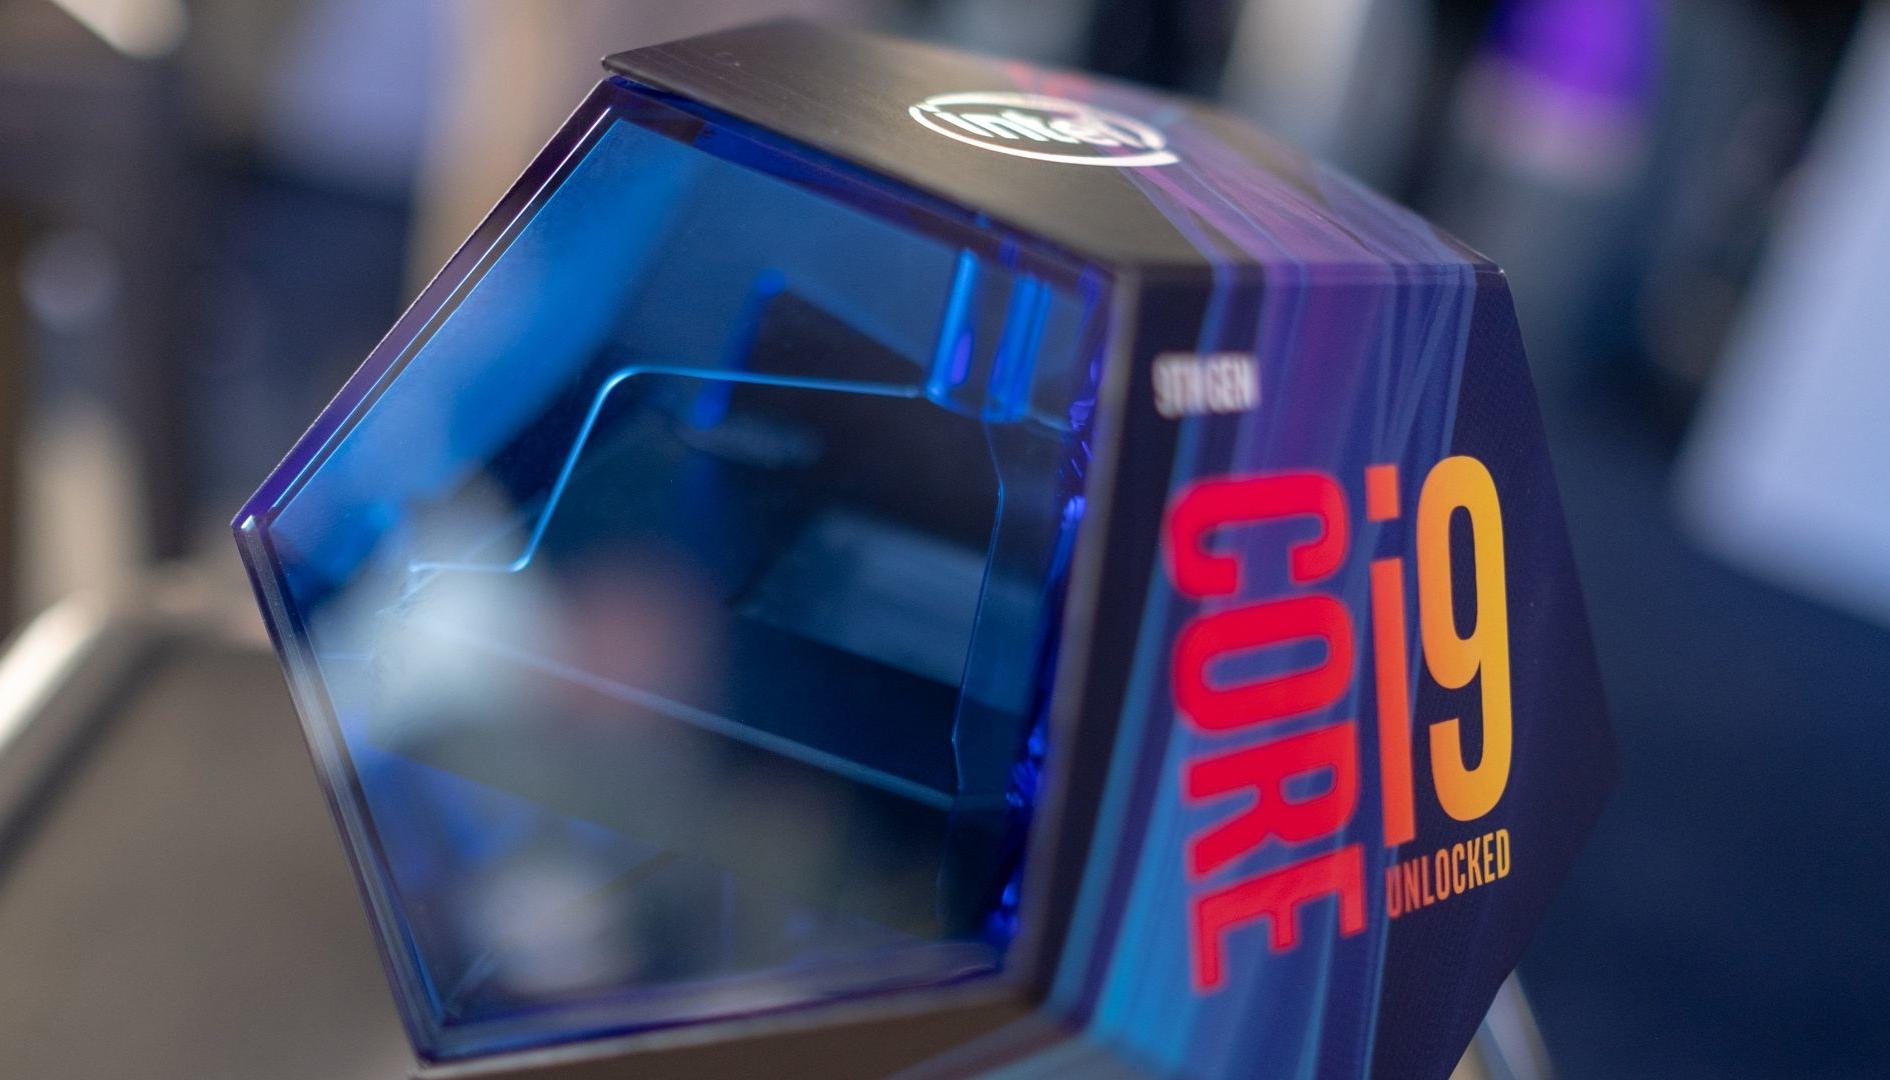 Intel Core i9-9900KS supportato dai nuovi BIOS